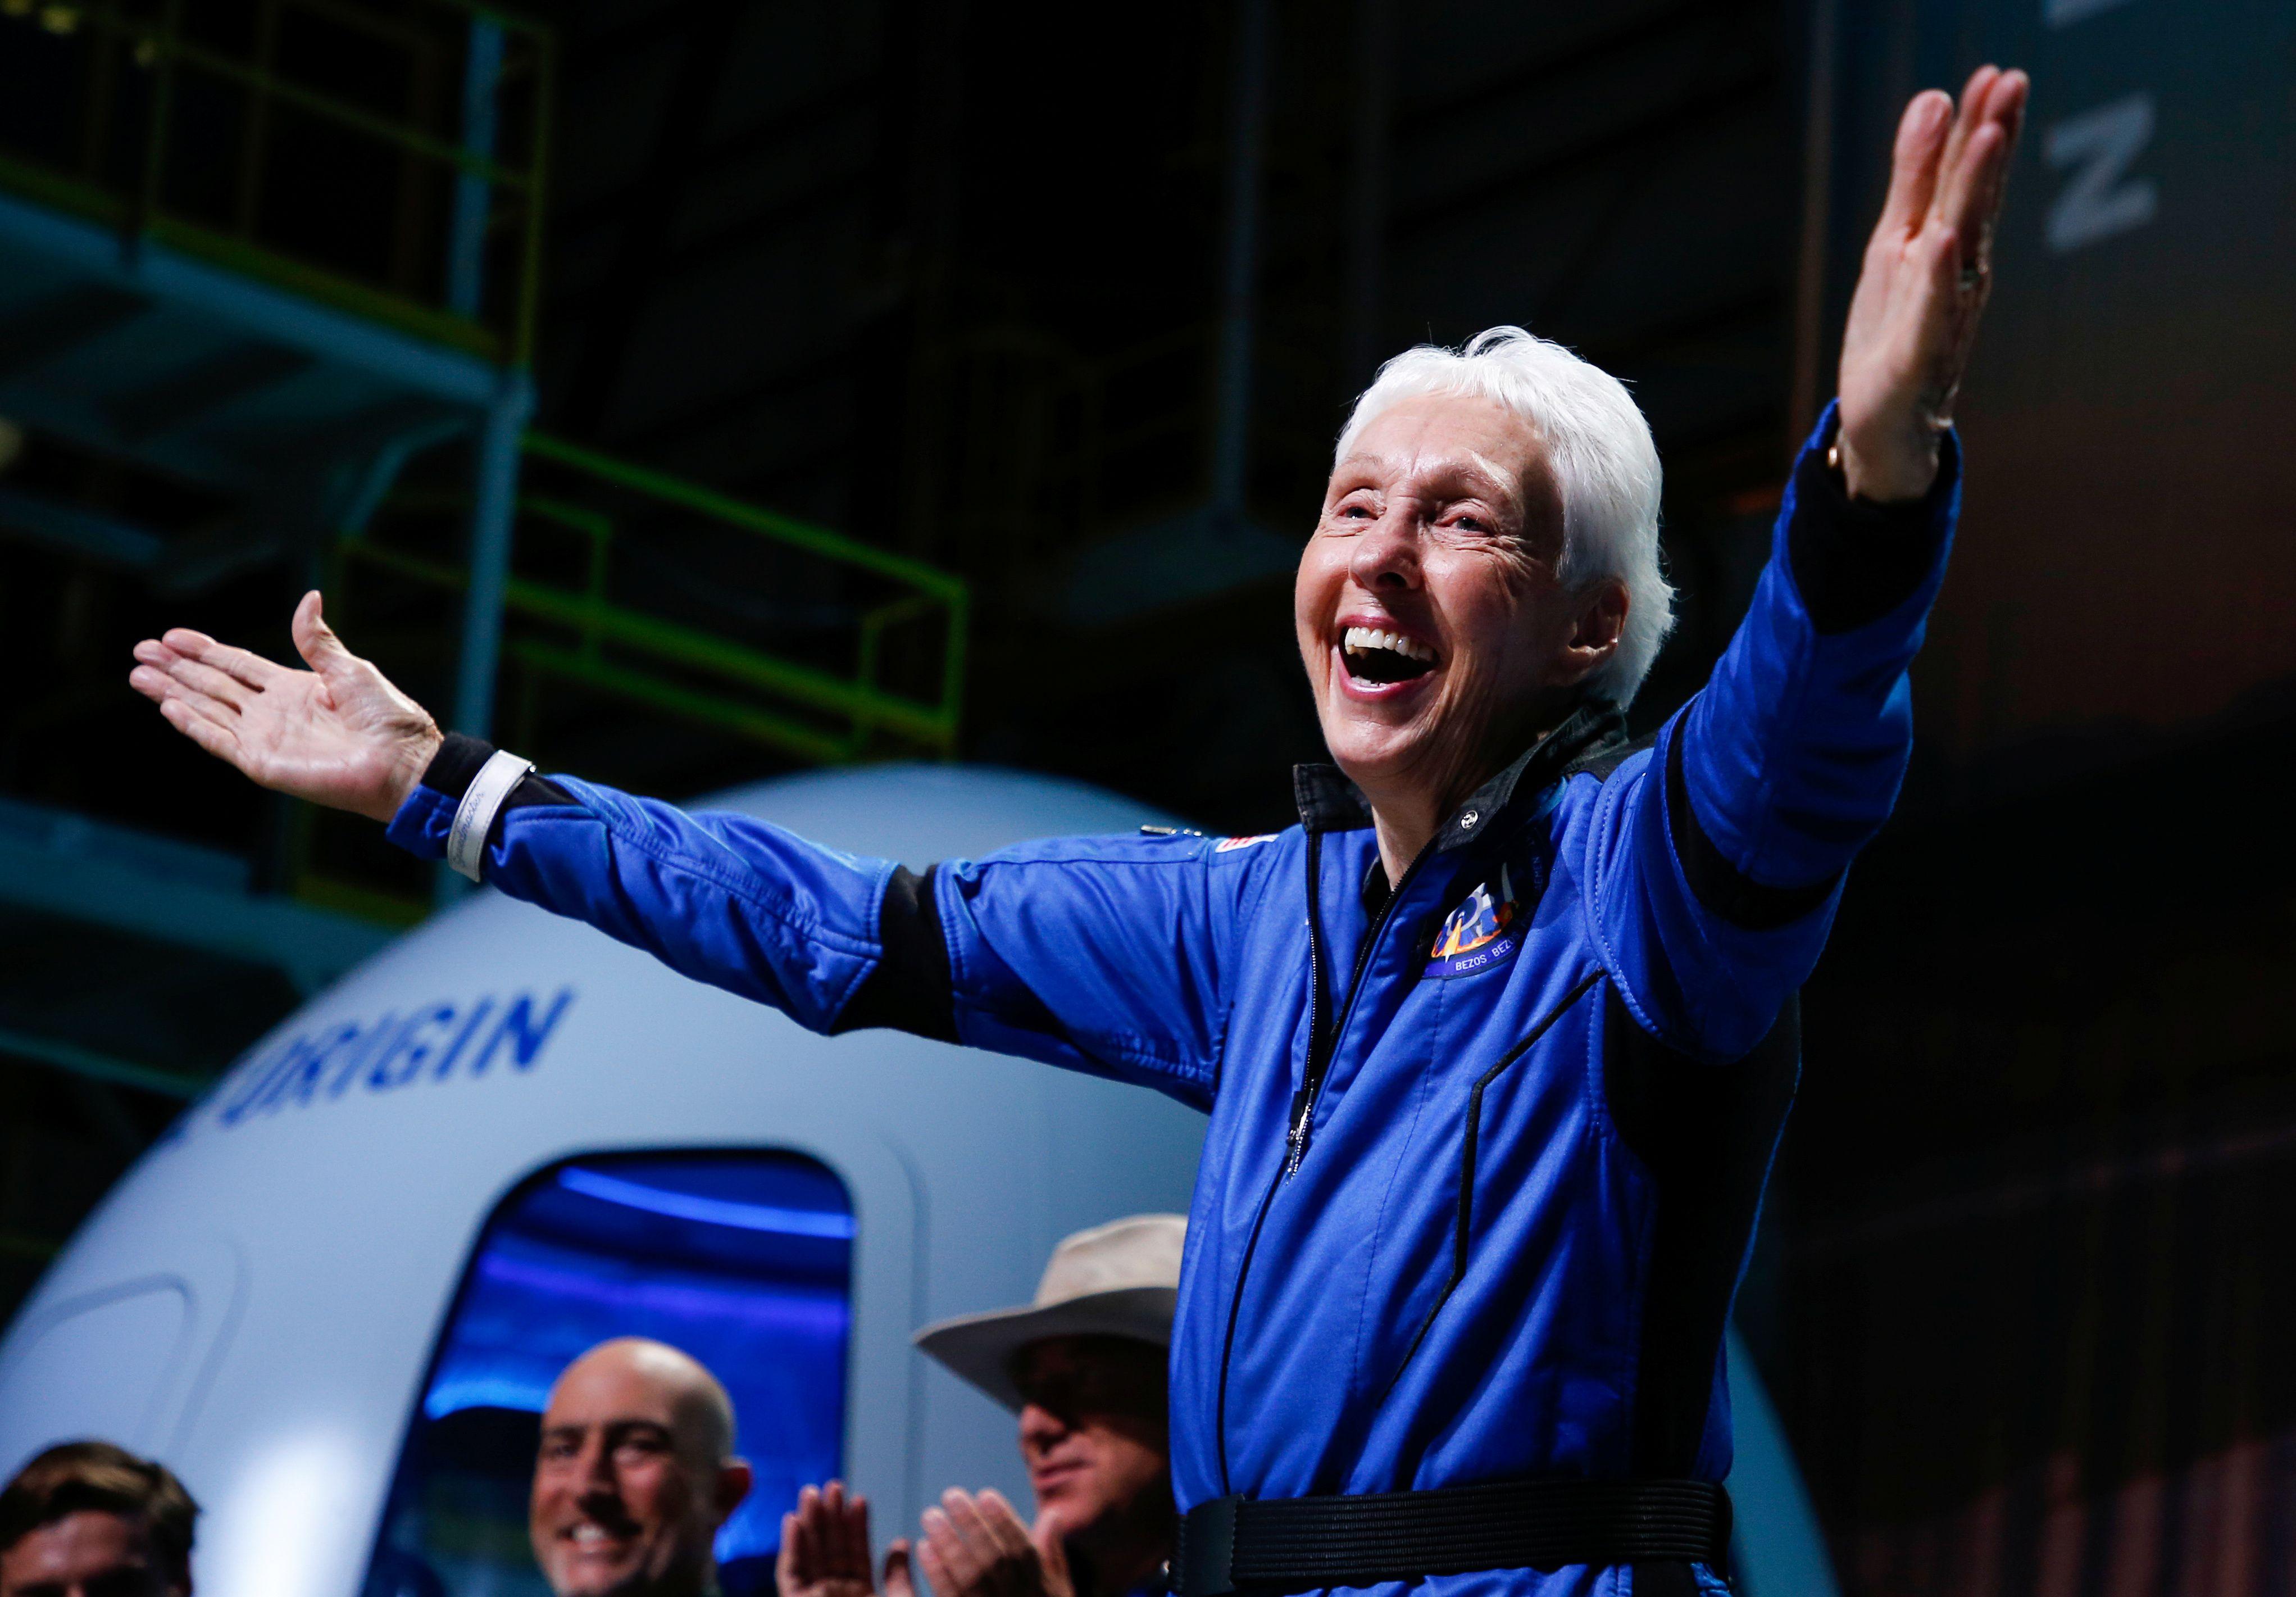 Wally Funk reacciona después de recibir sus alas de astronauta de Jeff Ashby de Blue Origin, un ex comandante del transbordador espacial en una conferencia de prensa posterior al lanzamiento después de que voló con tres compañeros de tripulación en el vuelo inaugural de Blue Origin al borde del espacio, en la cercana ciudad de Van Horn., Texas, Estados Unidos. REUTERS/Joe Skipper